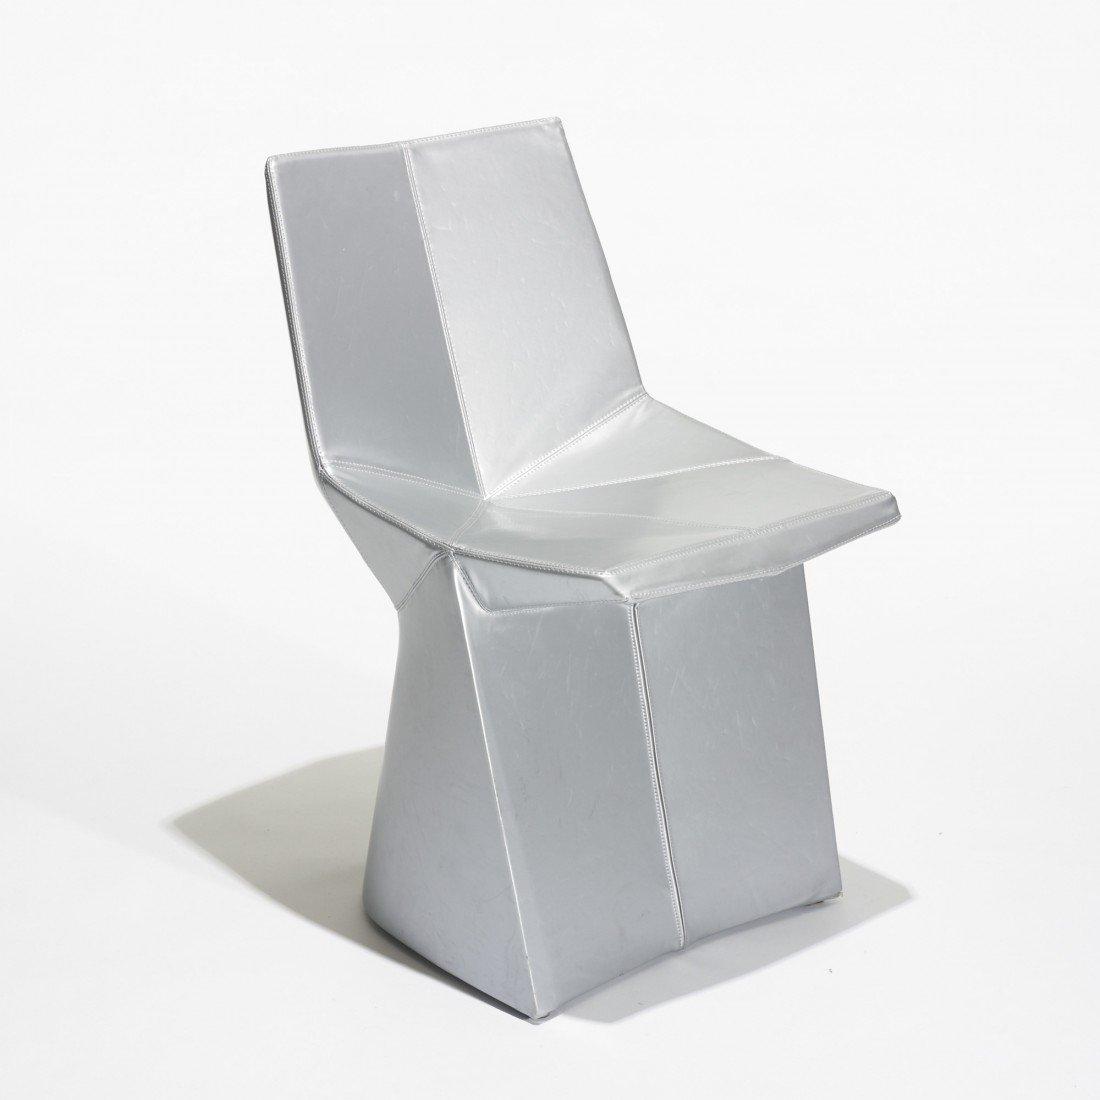 240: Konstantin Grcic Mars chair